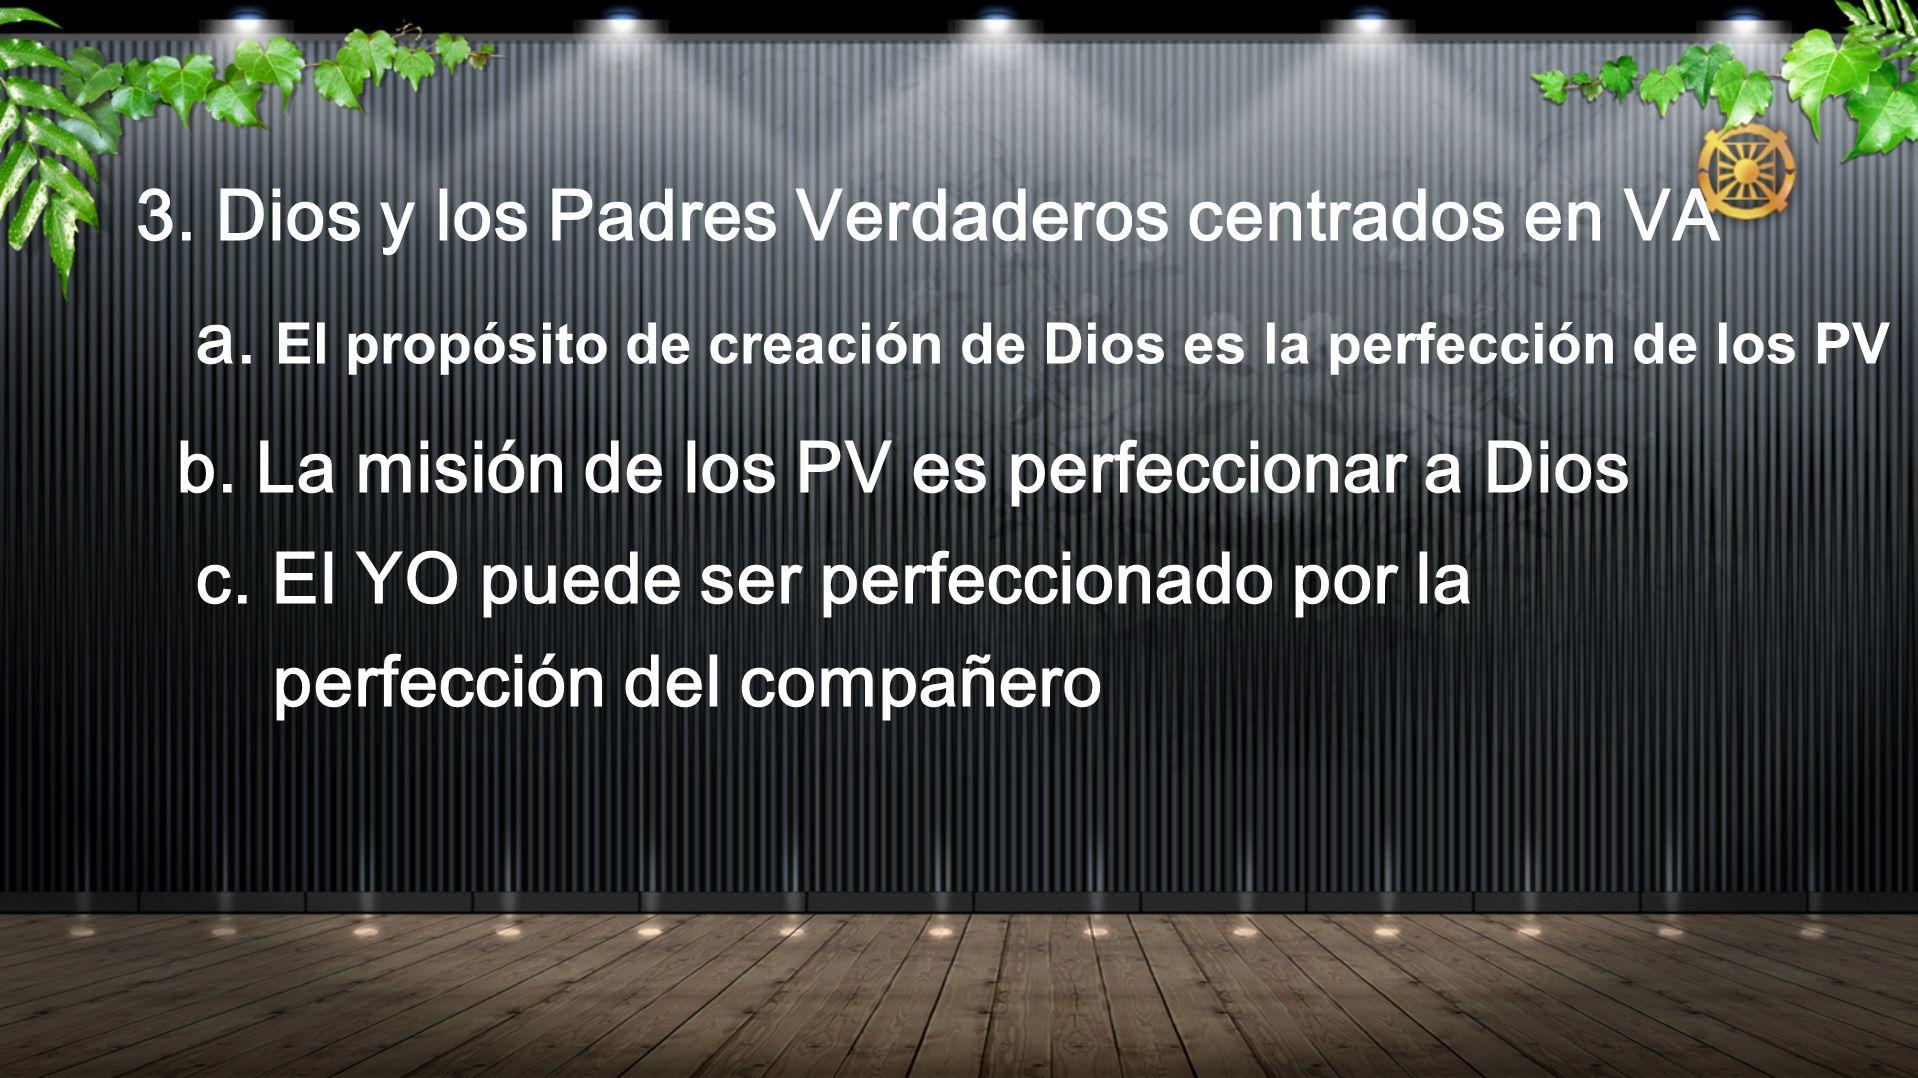 3. Dios y los Padres Verdaderos centrados en VA a. El propósito de creación de Dios es la perfección de los PV b. La misión de los PV es perfeccionar